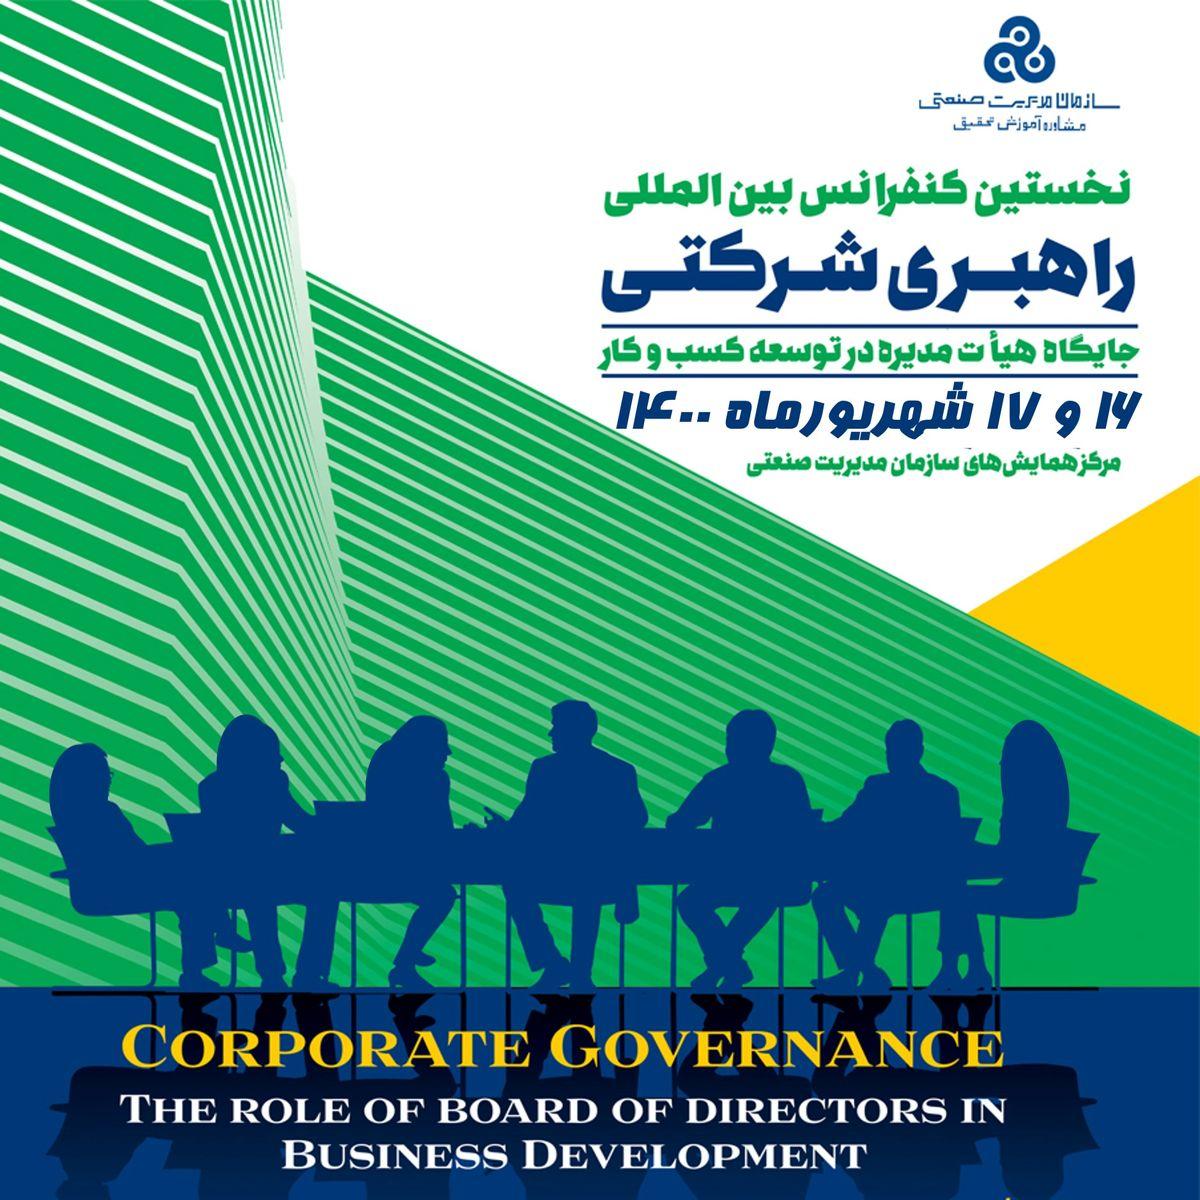 نخستین کنفرانس بین المللی راهبری شرکتی